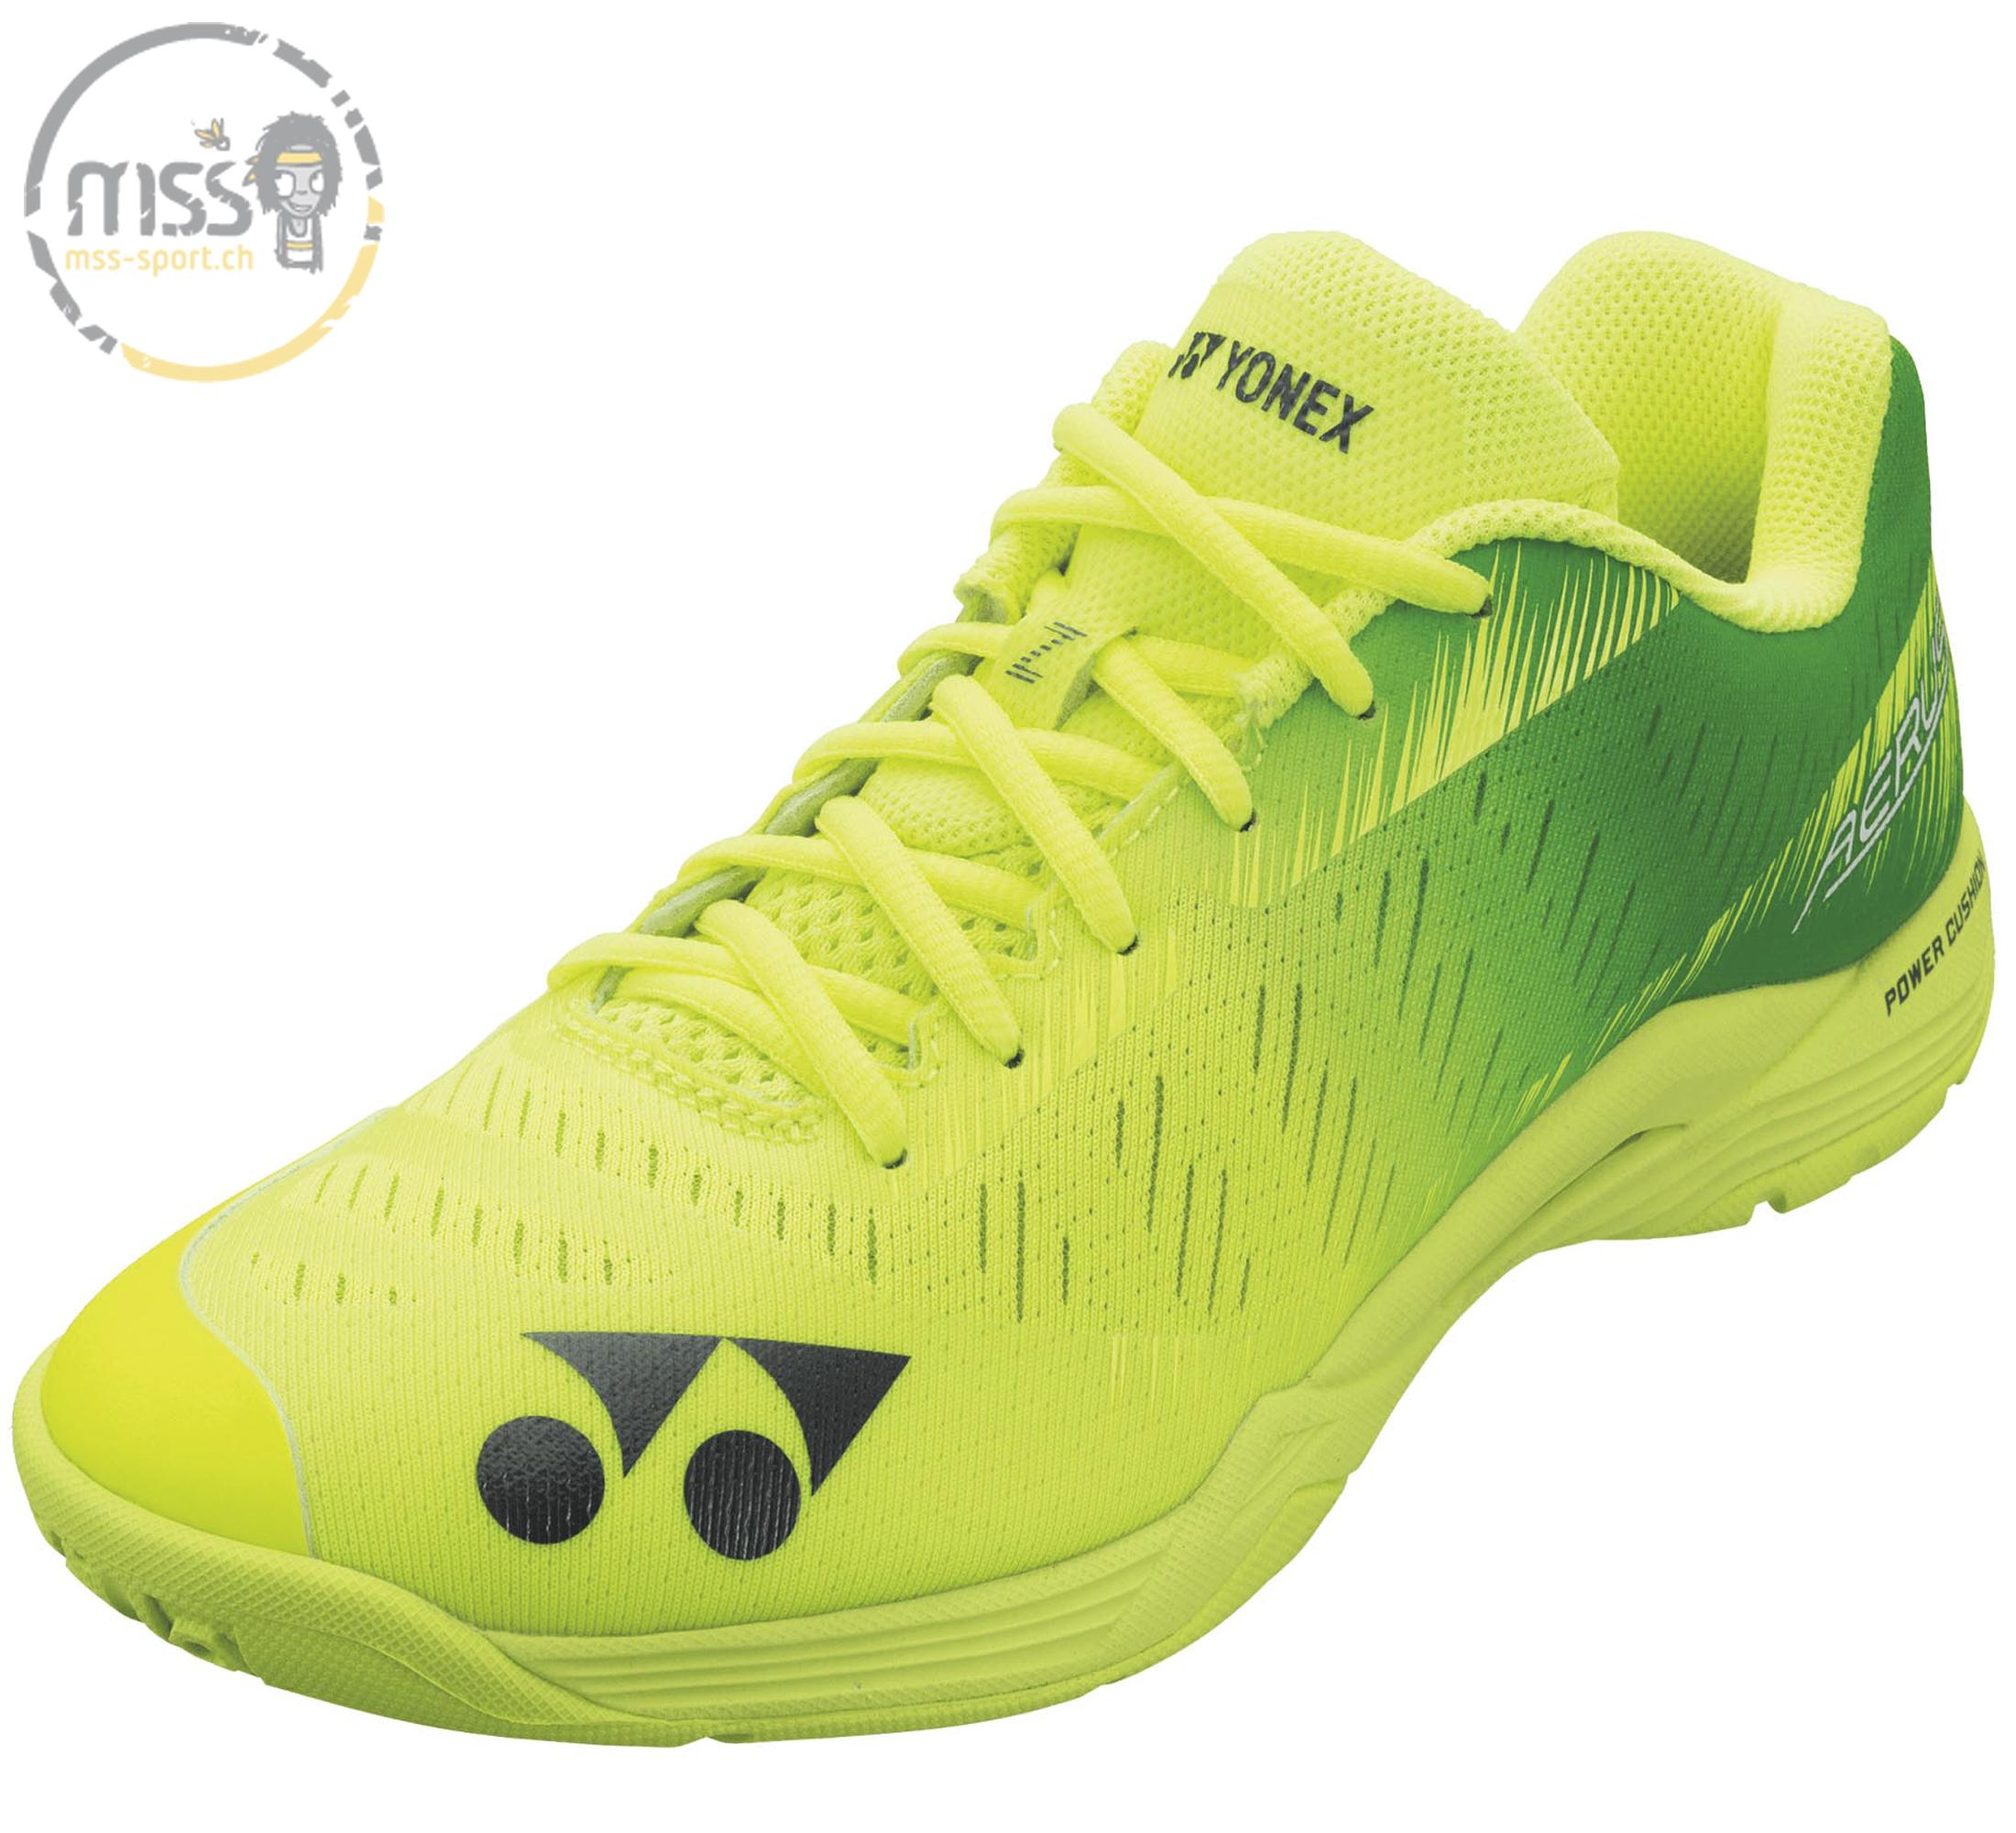 Yonex SHB Aerus Z yellow